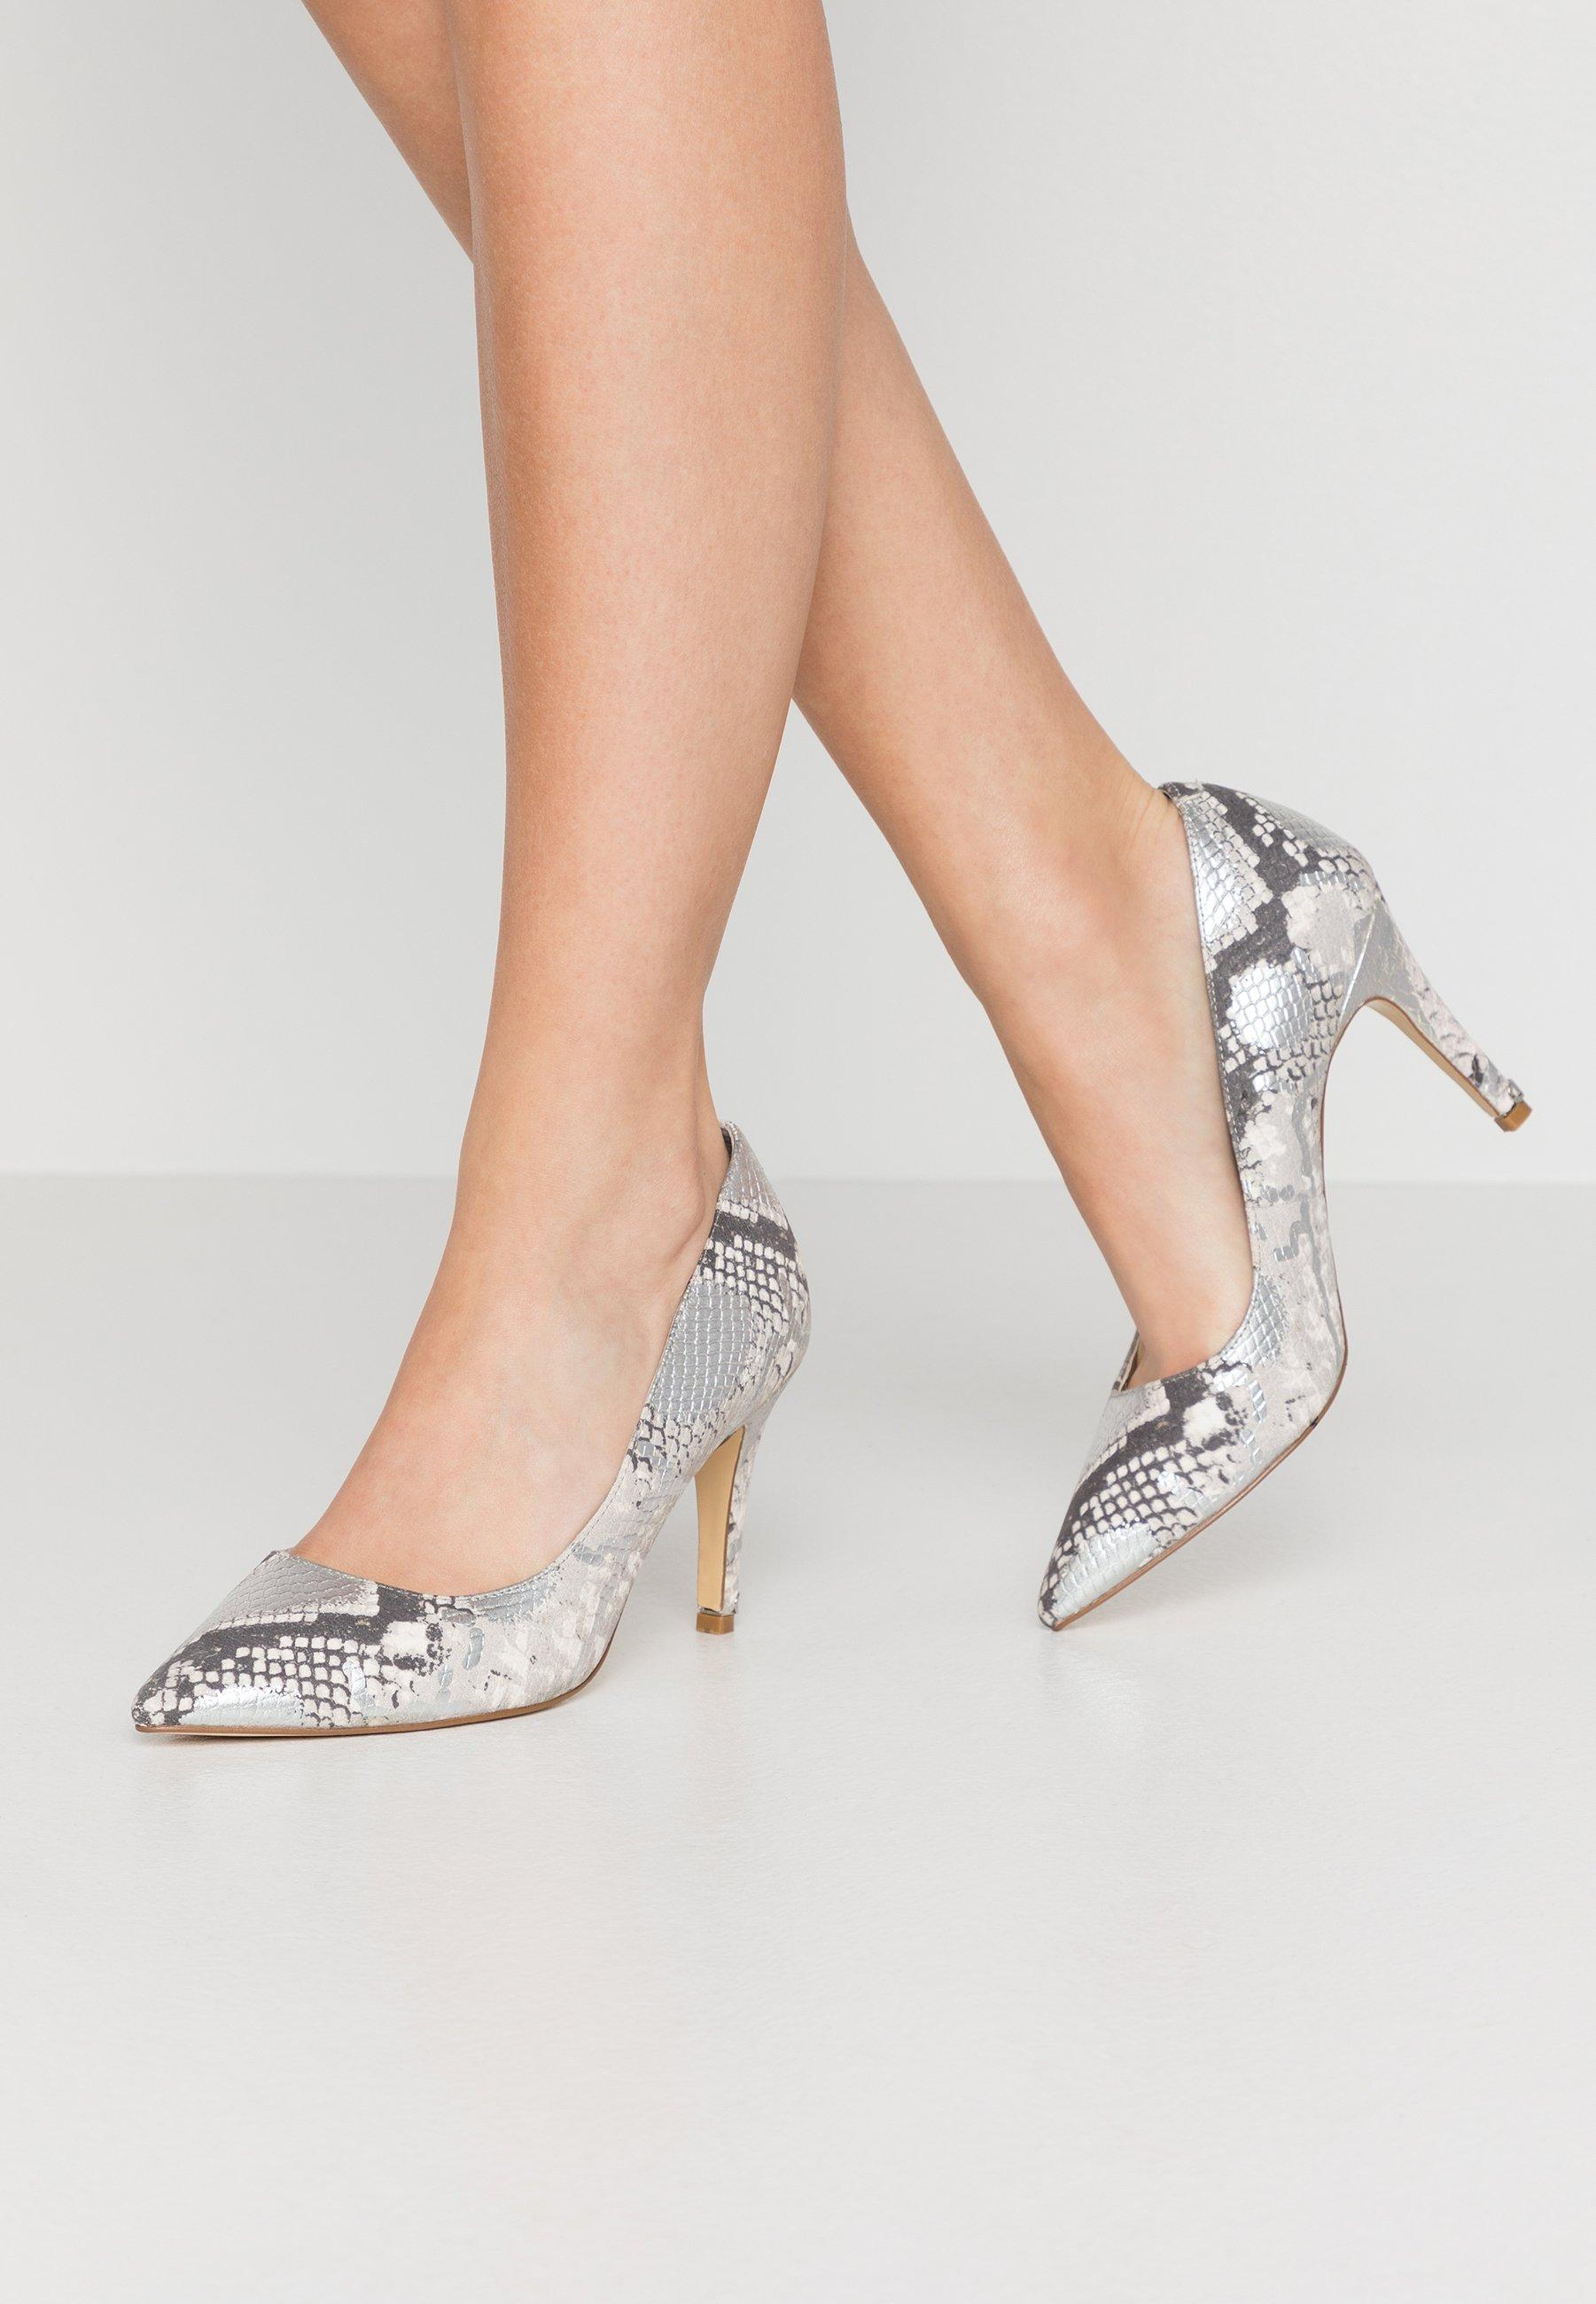 Femme WIDE FIT ANNA - Escarpins à talons hauts - silver